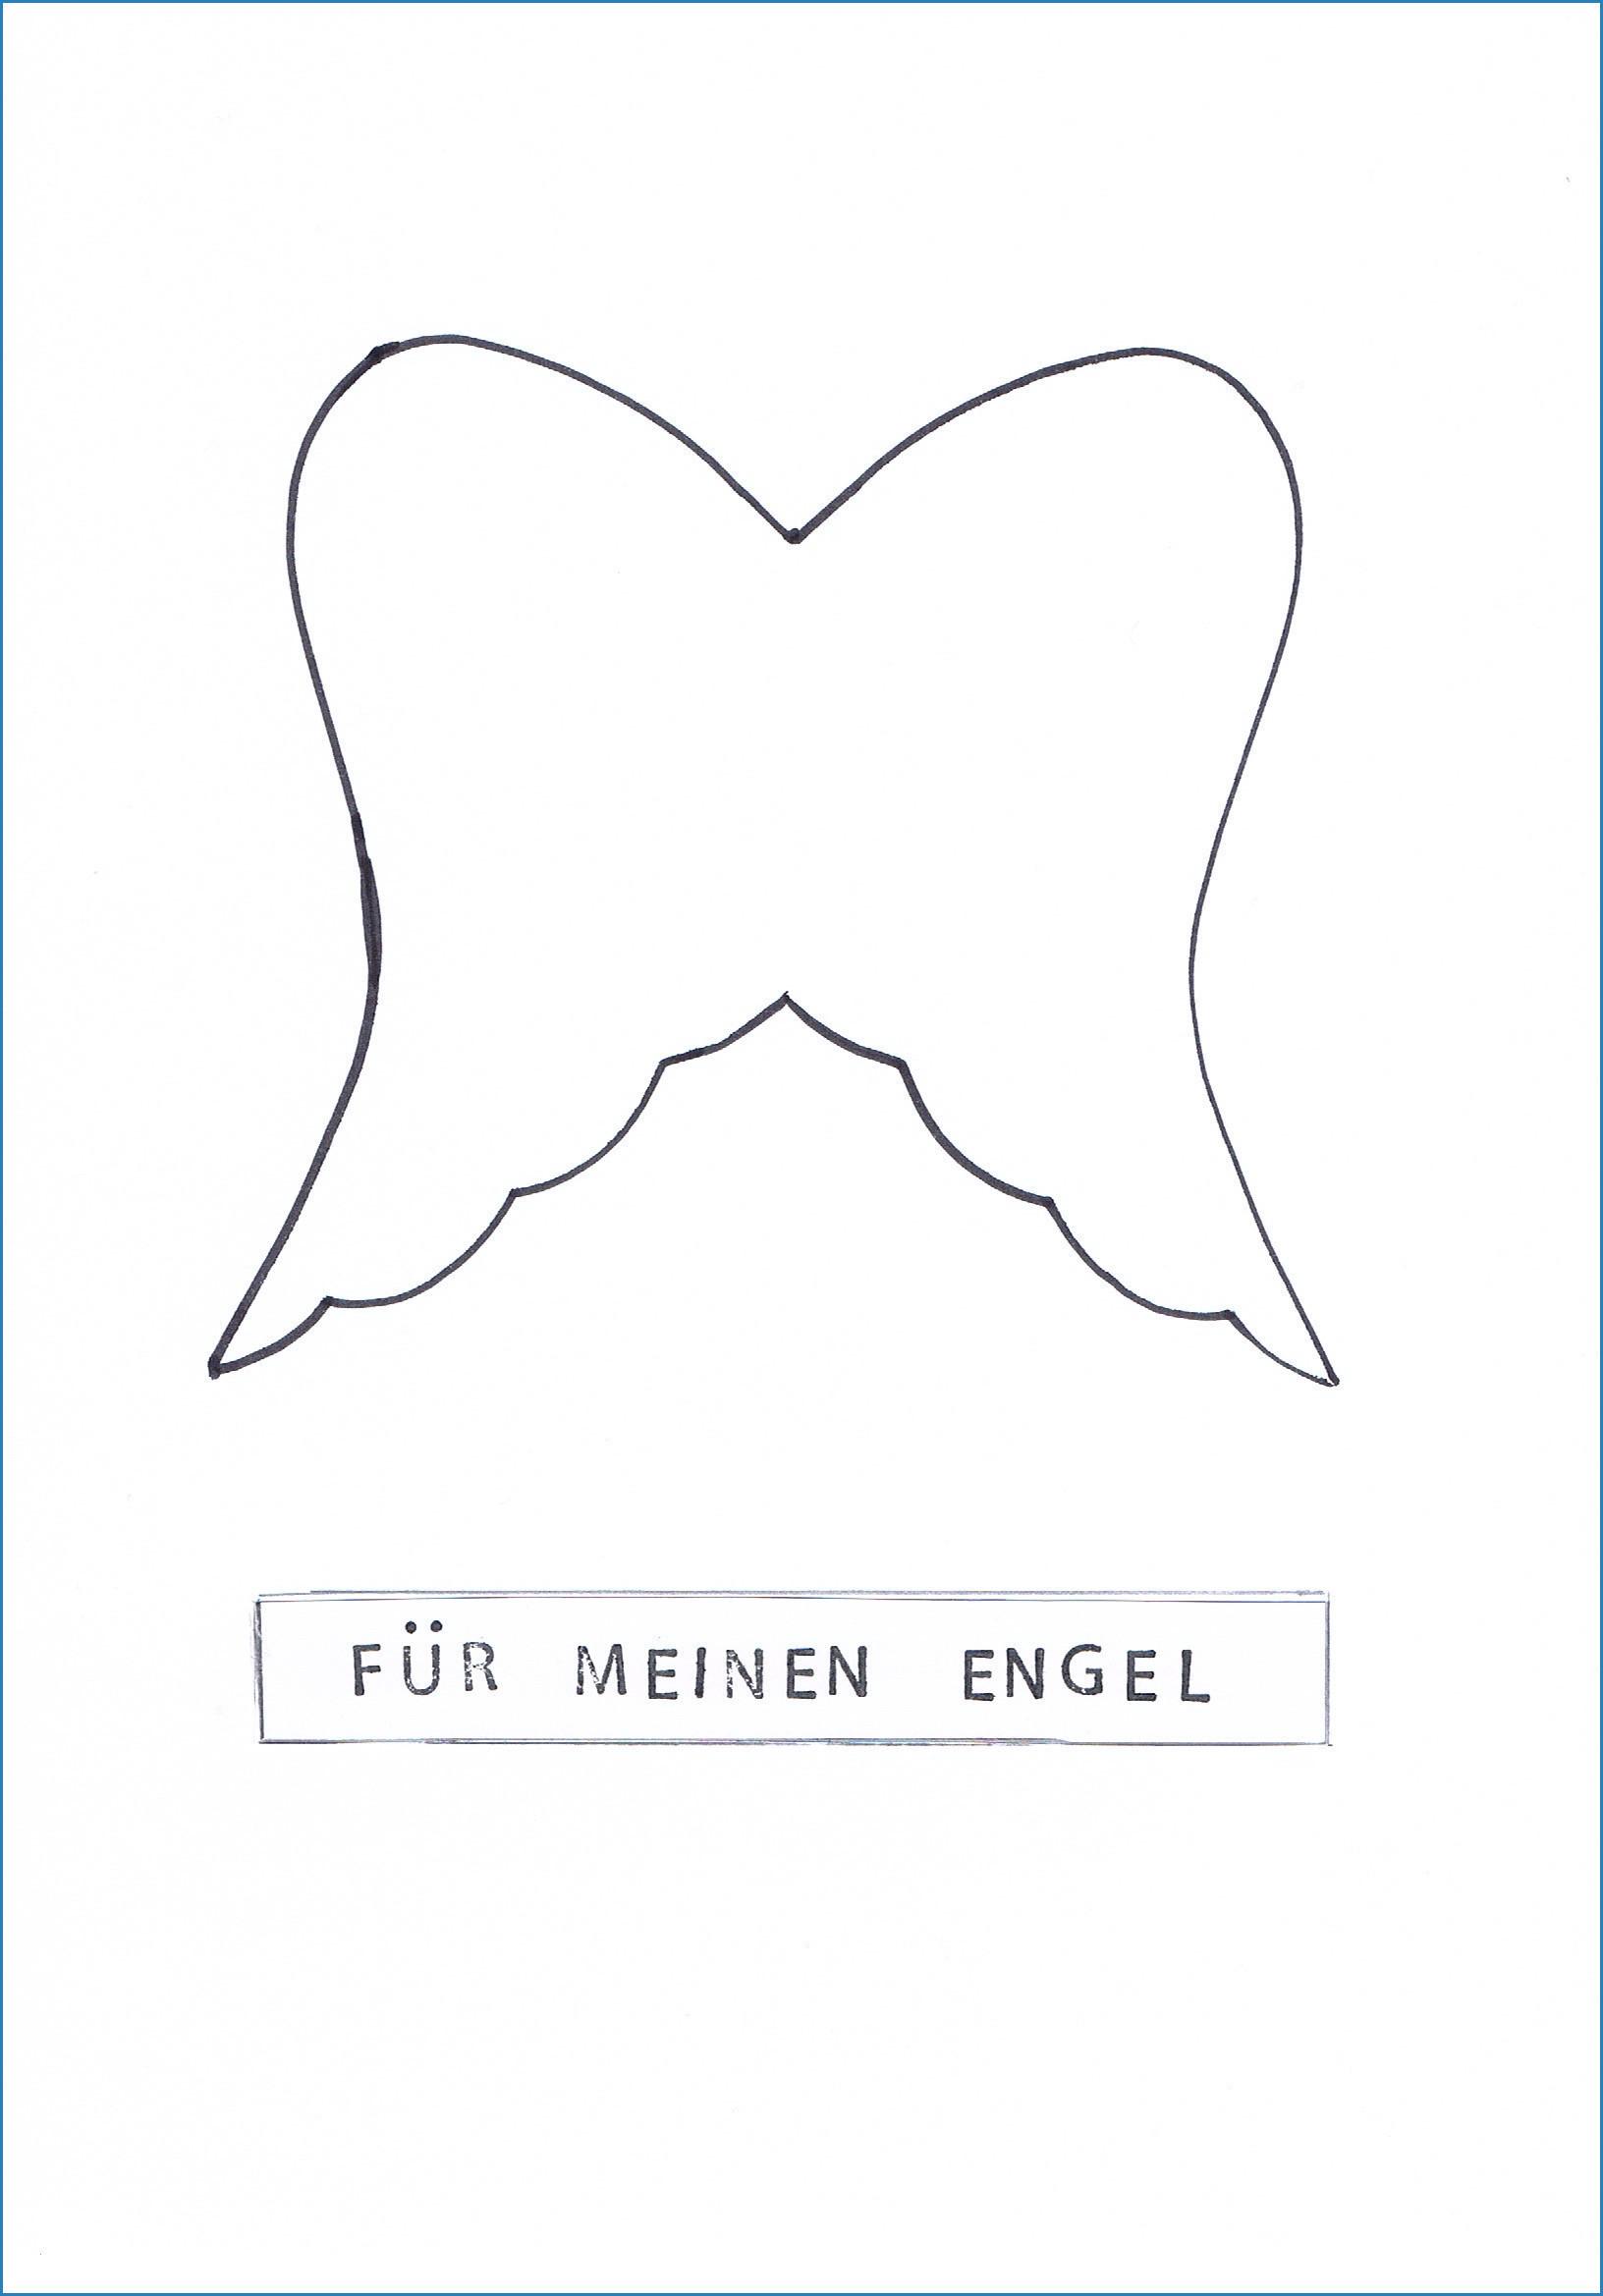 Malvorlagen Engel Neu 10 Engel Vorlage Ausschneiden Vorstellung Neu Ausmalbilder Kvdd Galerie